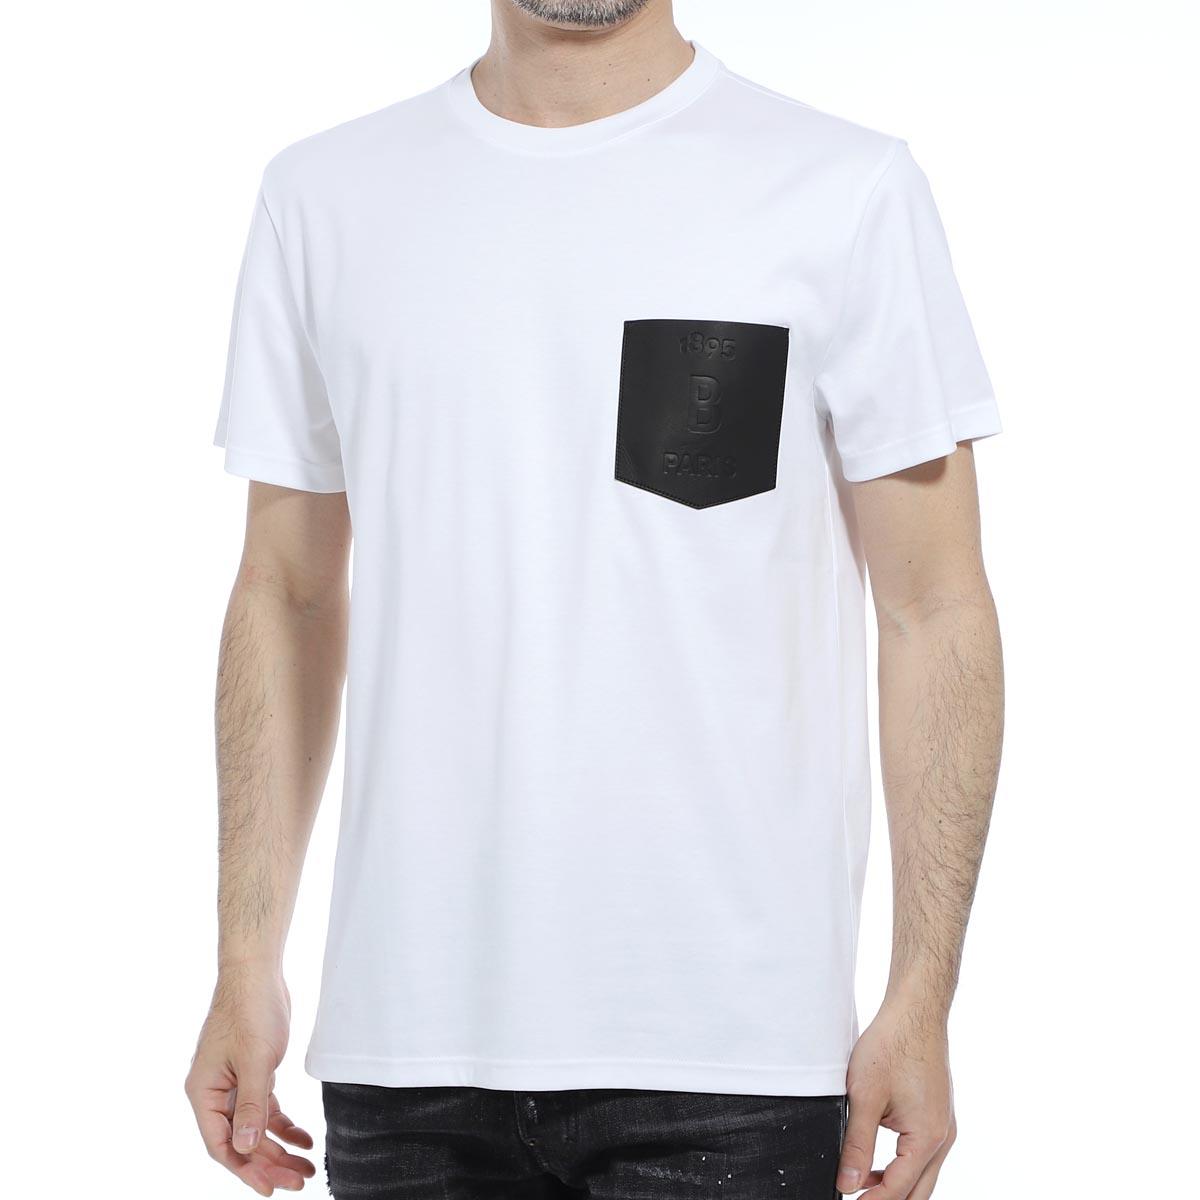 ベルルッティ BERLUTI クルーネックTシャツ ホワイト メンズ r17jrs32 001 000【あす楽対応_関東】【返品送料無料】【ラッピング無料】